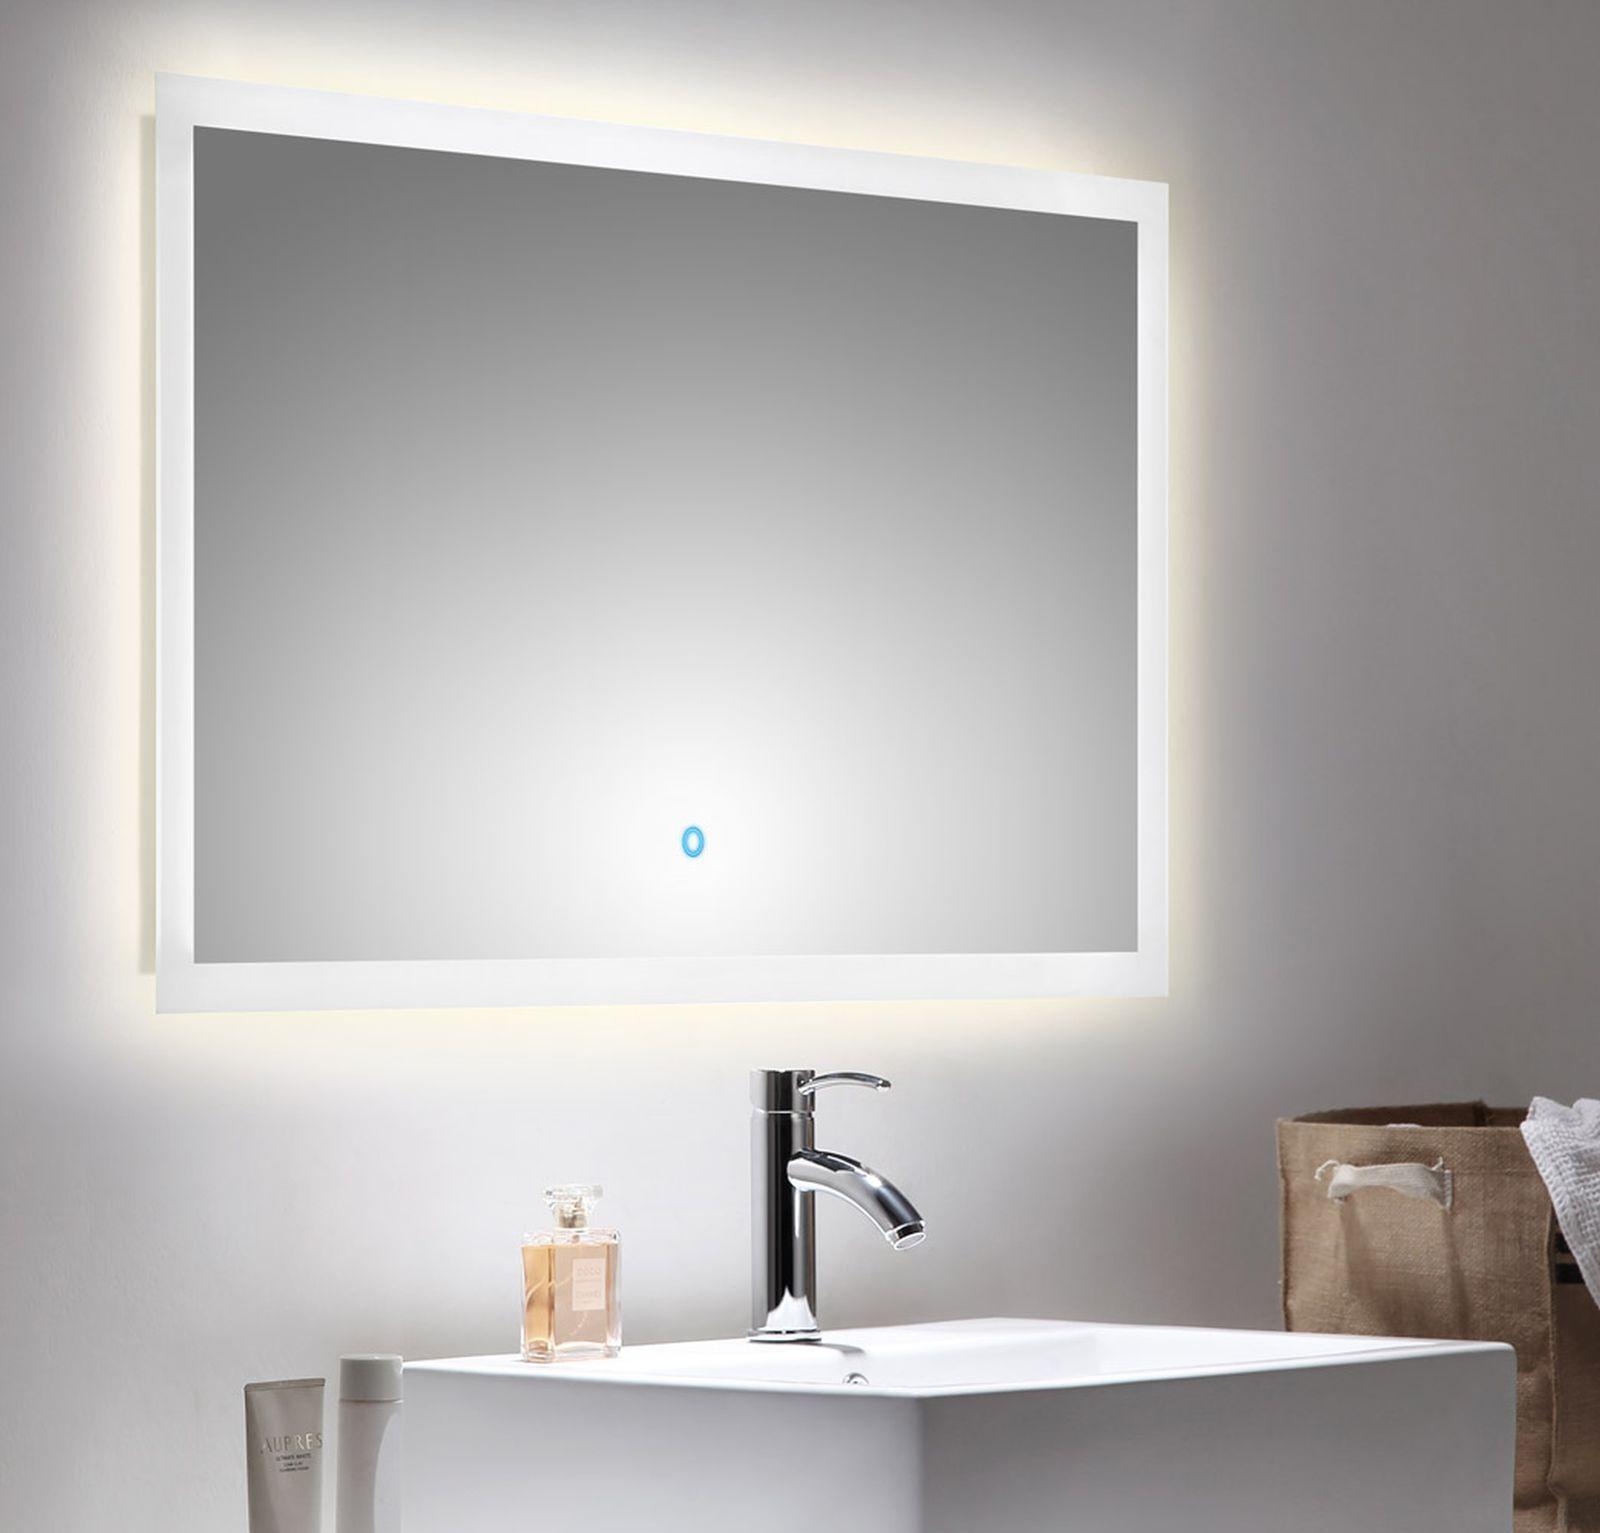 LED Badezimmer Spiegel EMOTION 100 x 60 cm Touch Bedienung 34 Watt ...